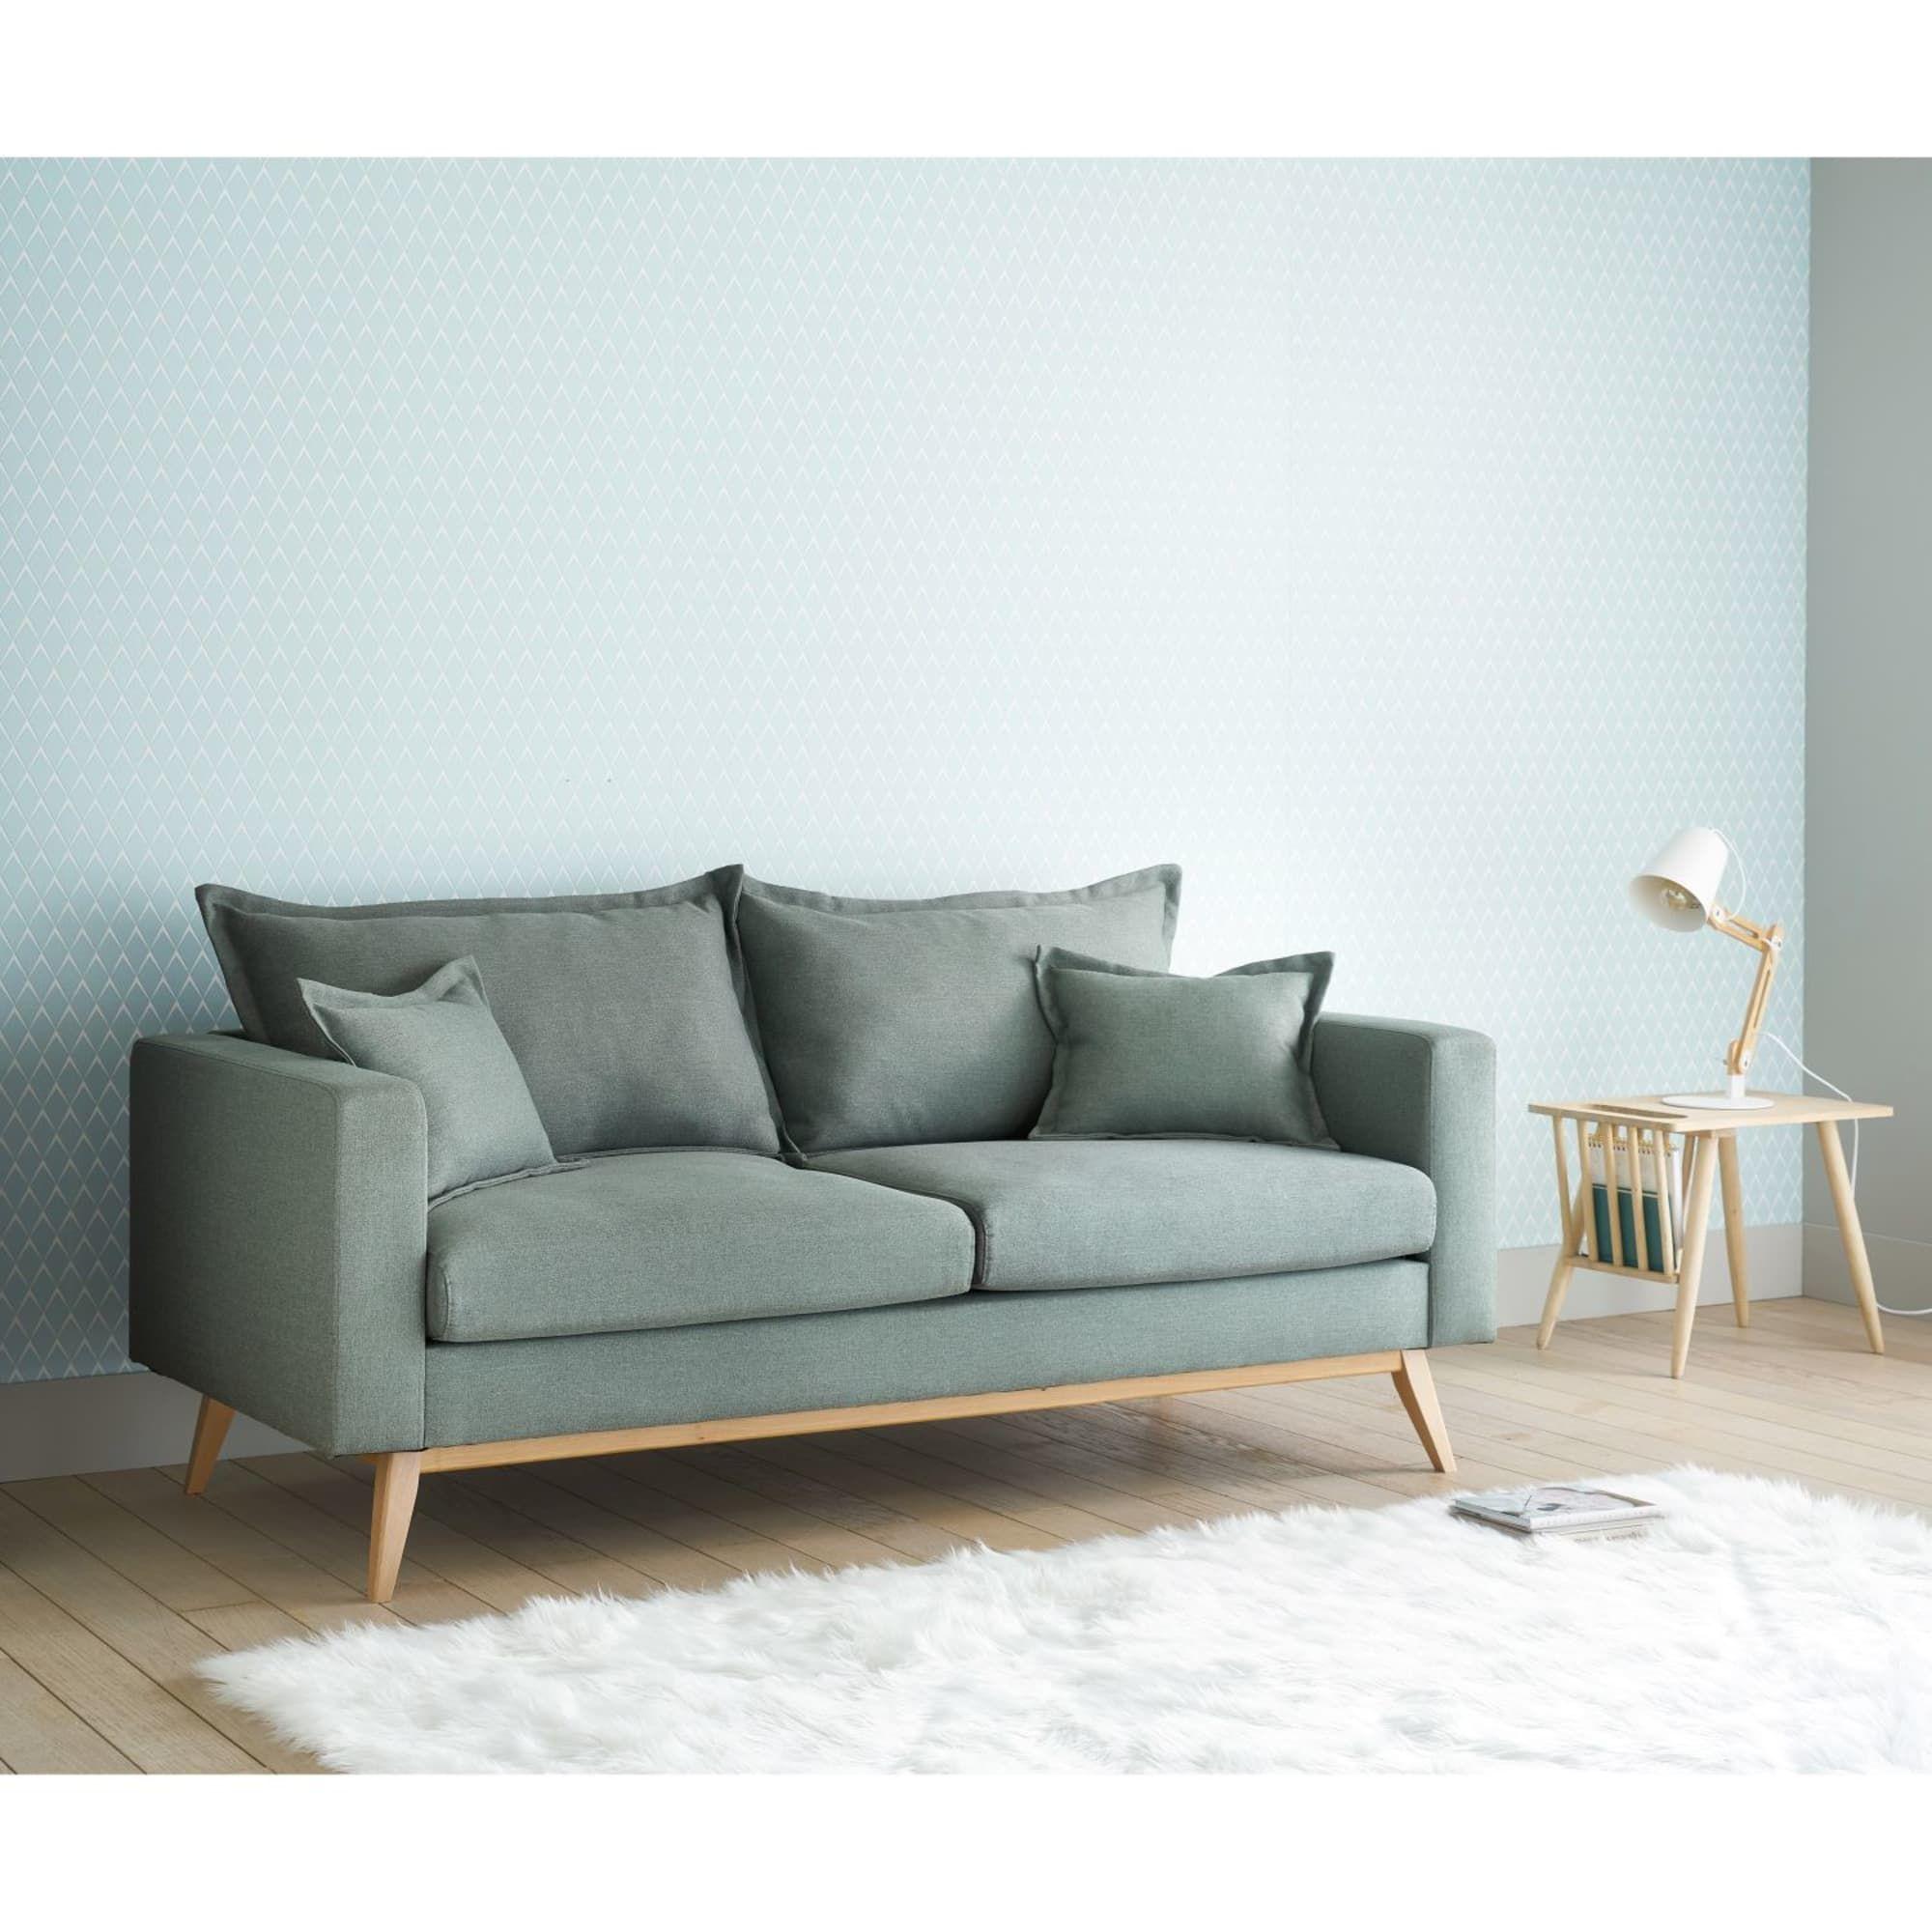 Canapé gigogne 3 places en tissu gris clair